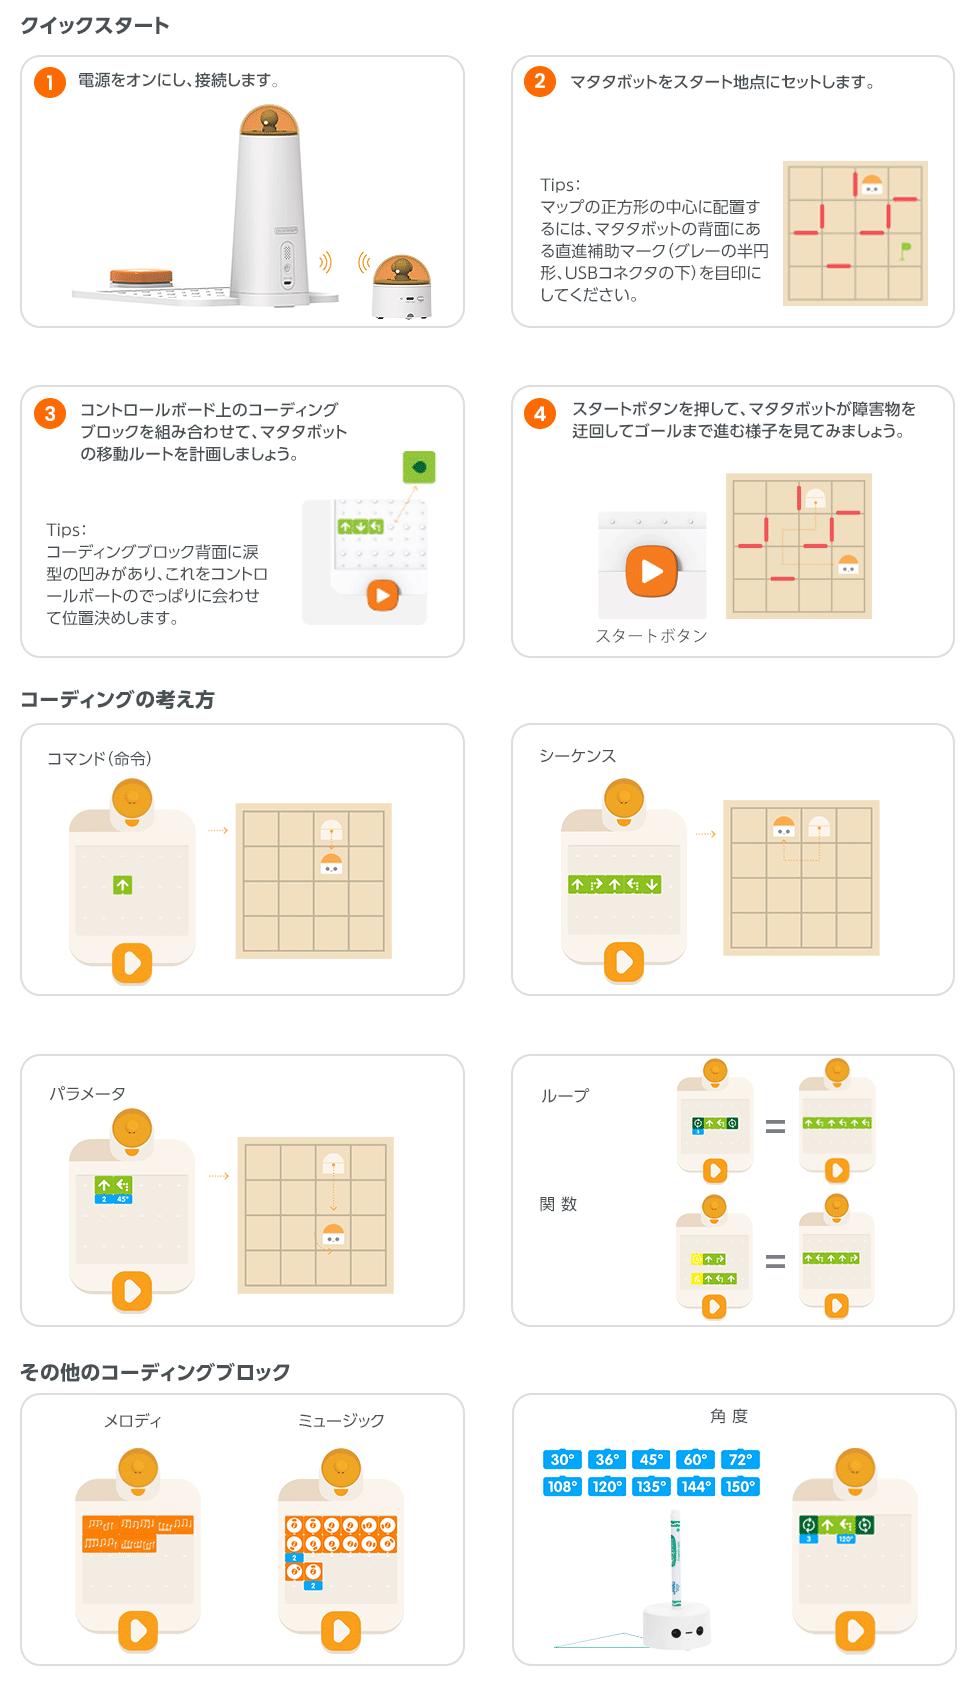 プロセットの使用法